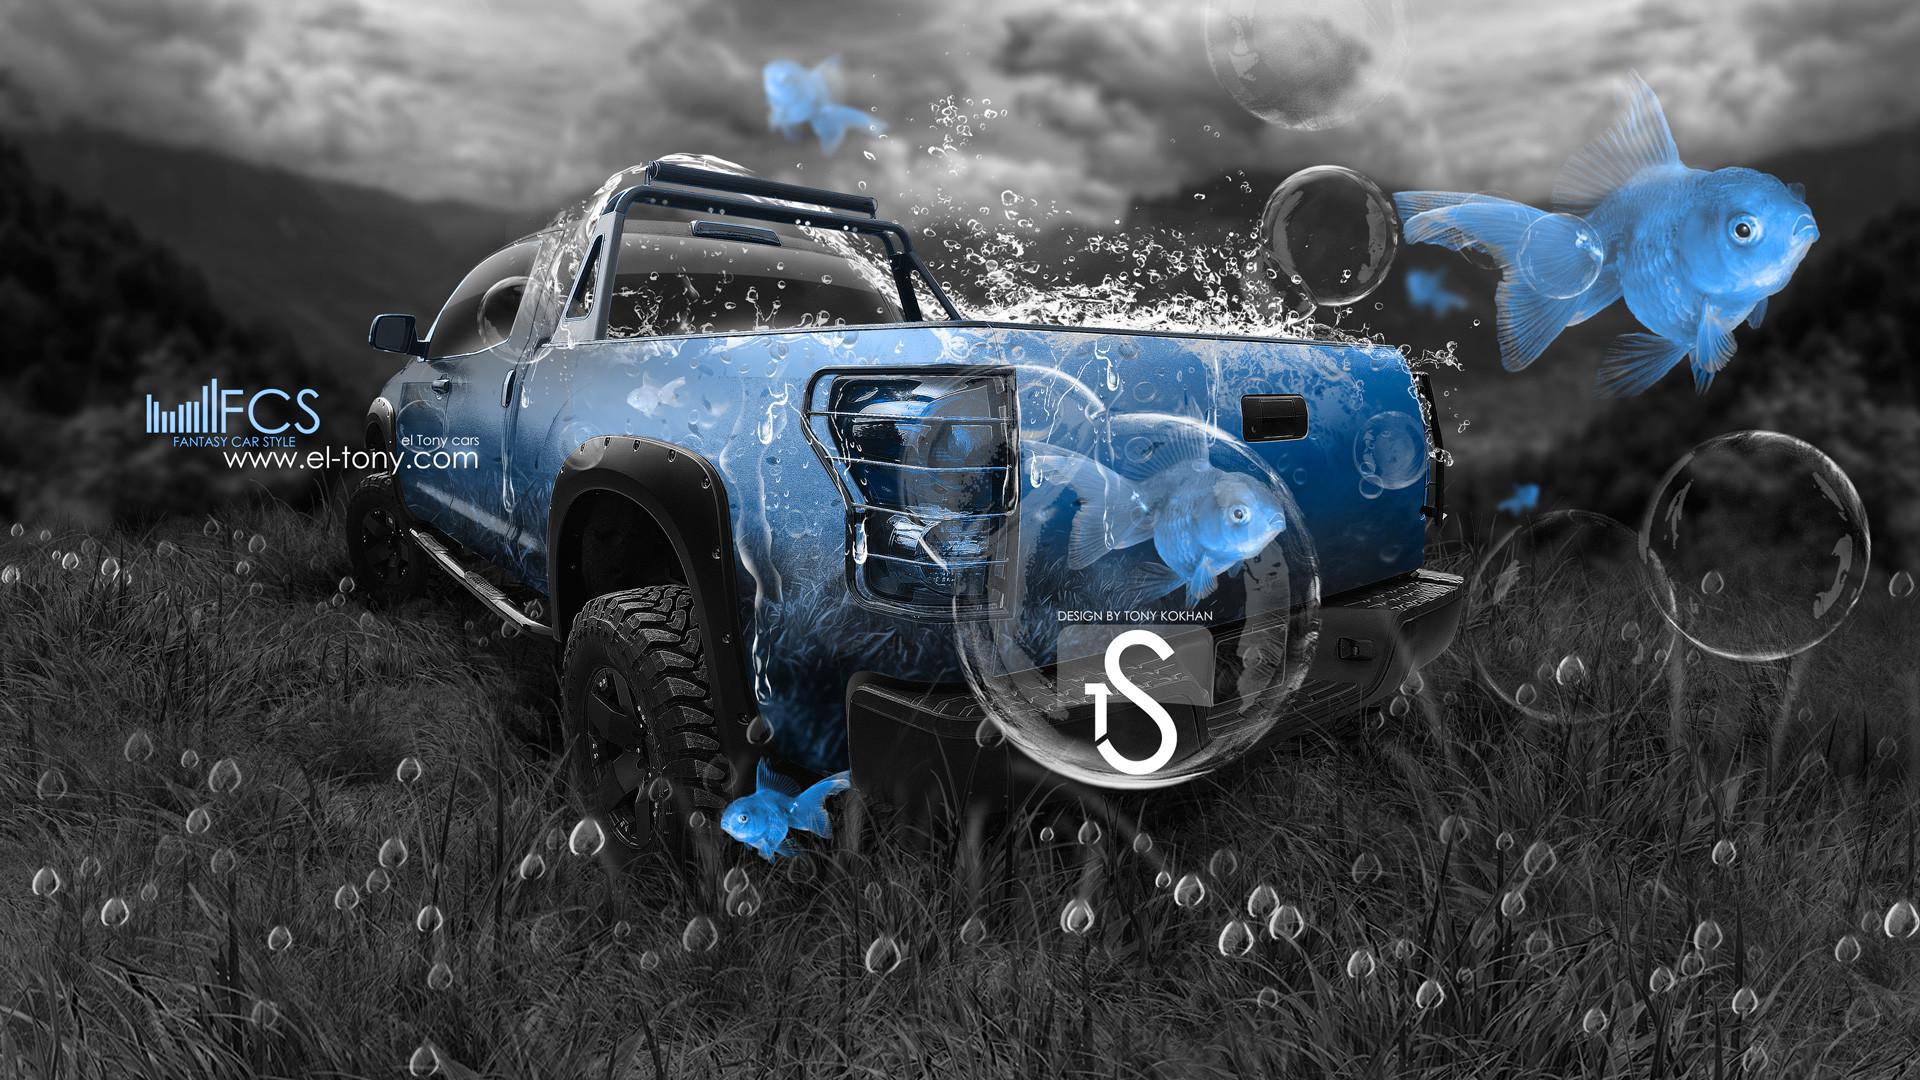 Toyota Tundra Fantasy Fish Up Car 2013 Â« el Tony